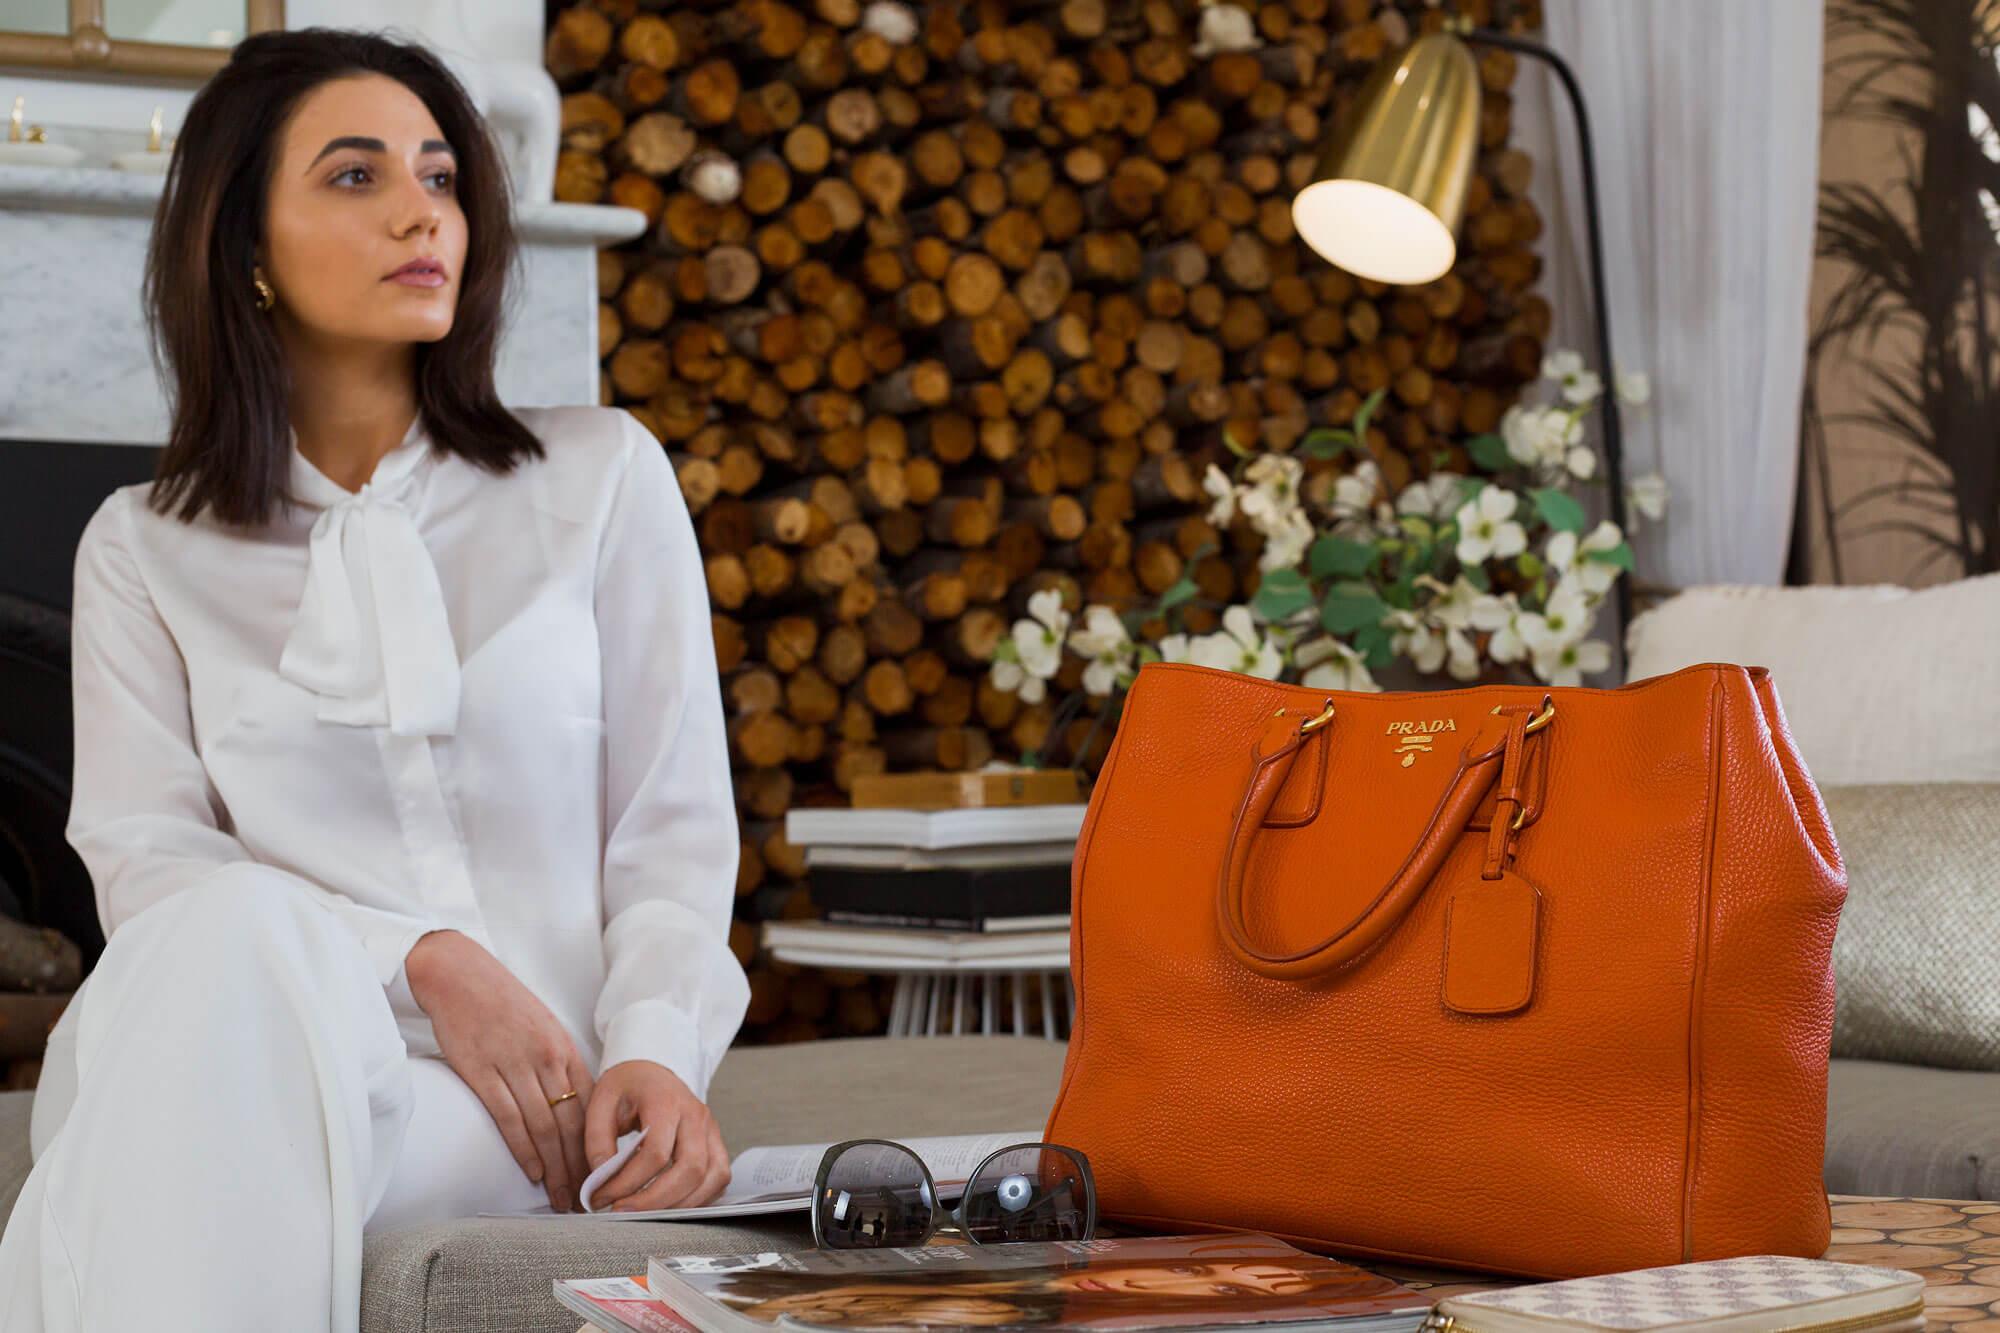 Produtos de consumo feminino são uma ótima opção para vendas consignadas